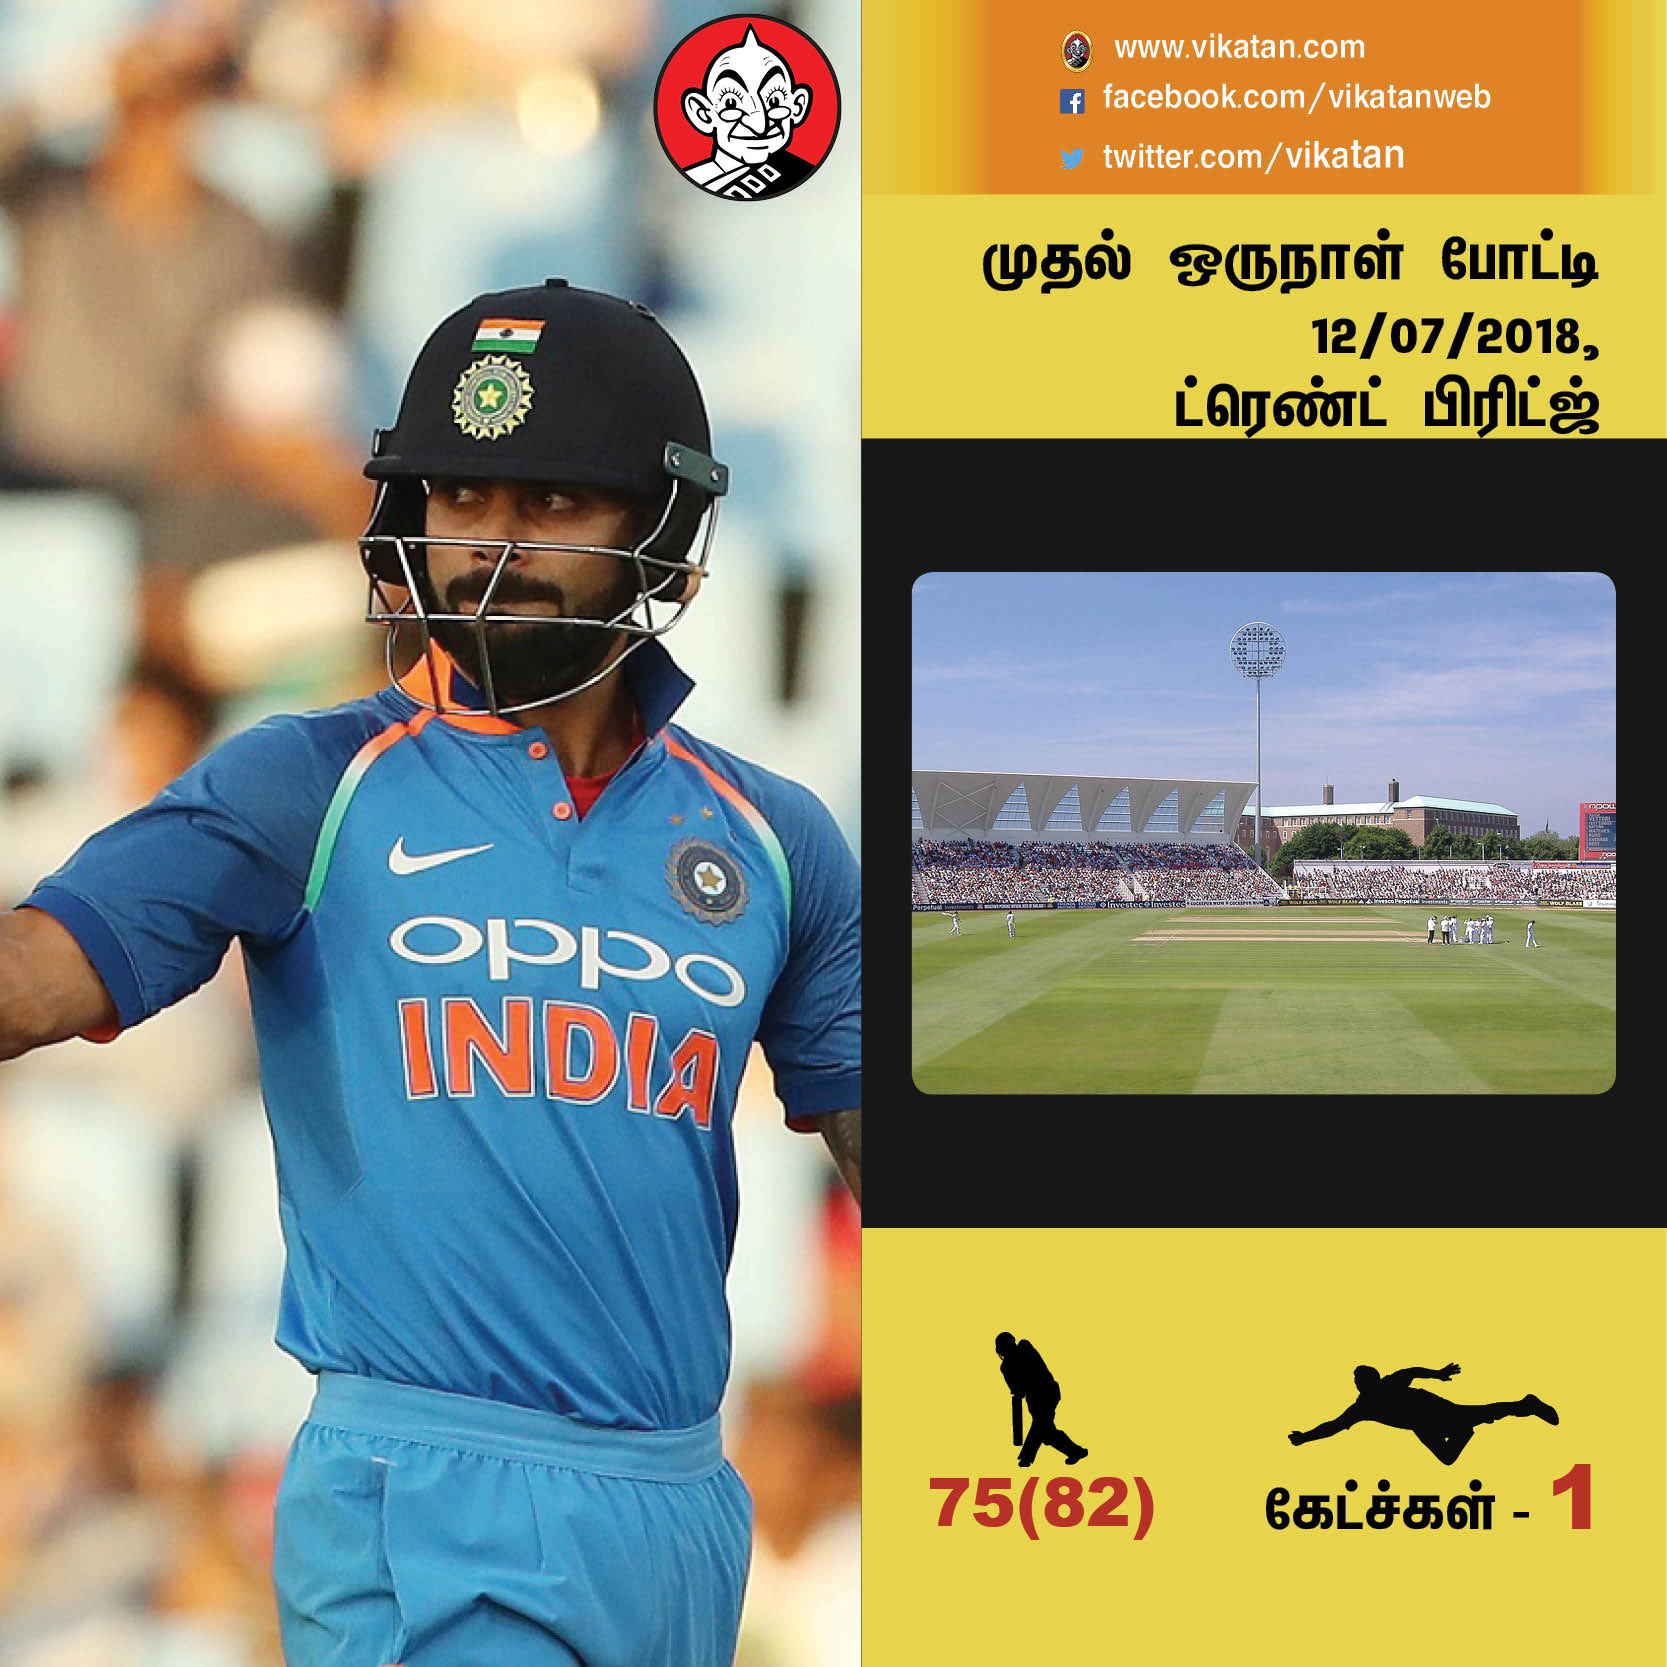 894 ரன்கள்... 2 சதம்... 9 கேட்ச்... இது இங்கிலாந்தில் கோலியின் 2.0 வெர்ஷன்! #VikatanPhotoCards